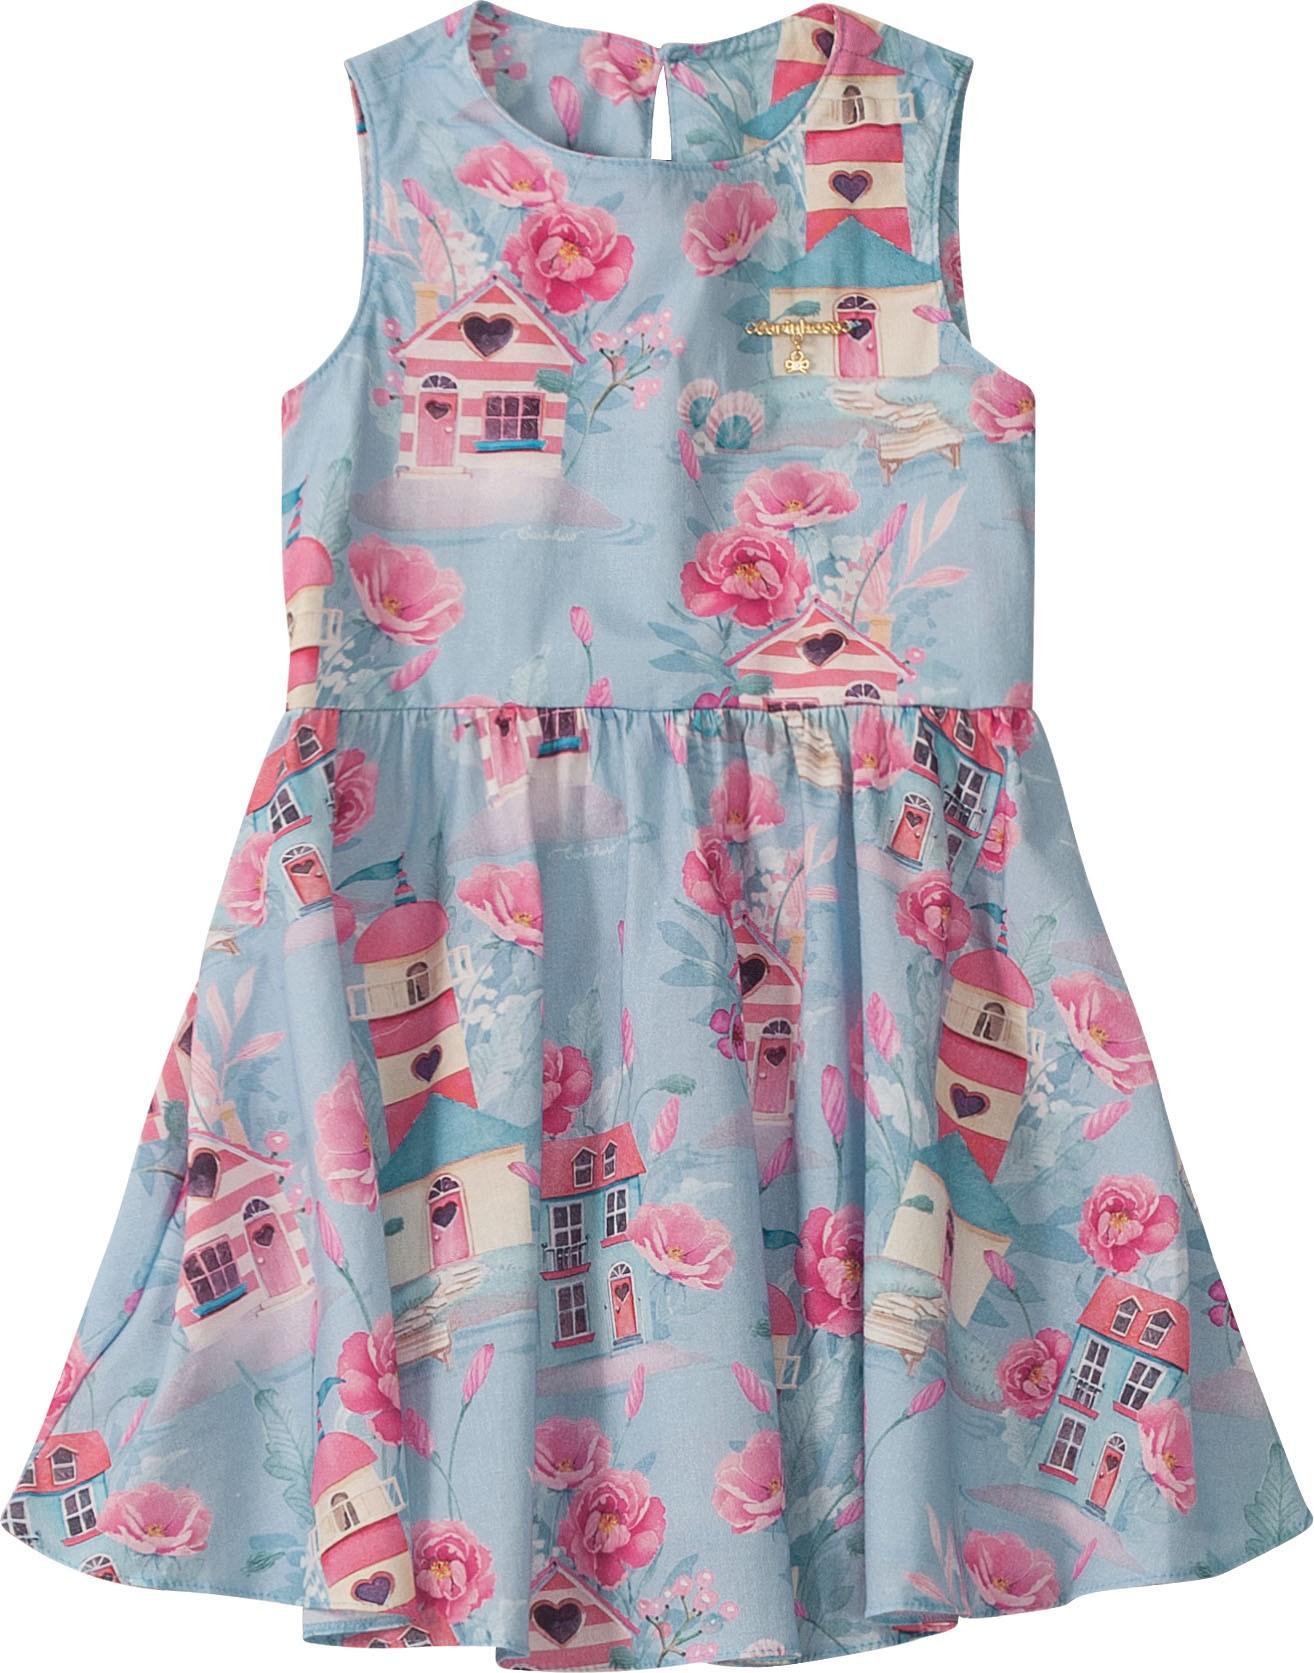 Vestido Curto Regata Floral fundo Azul em algodão - Tam 06 e 08 anos